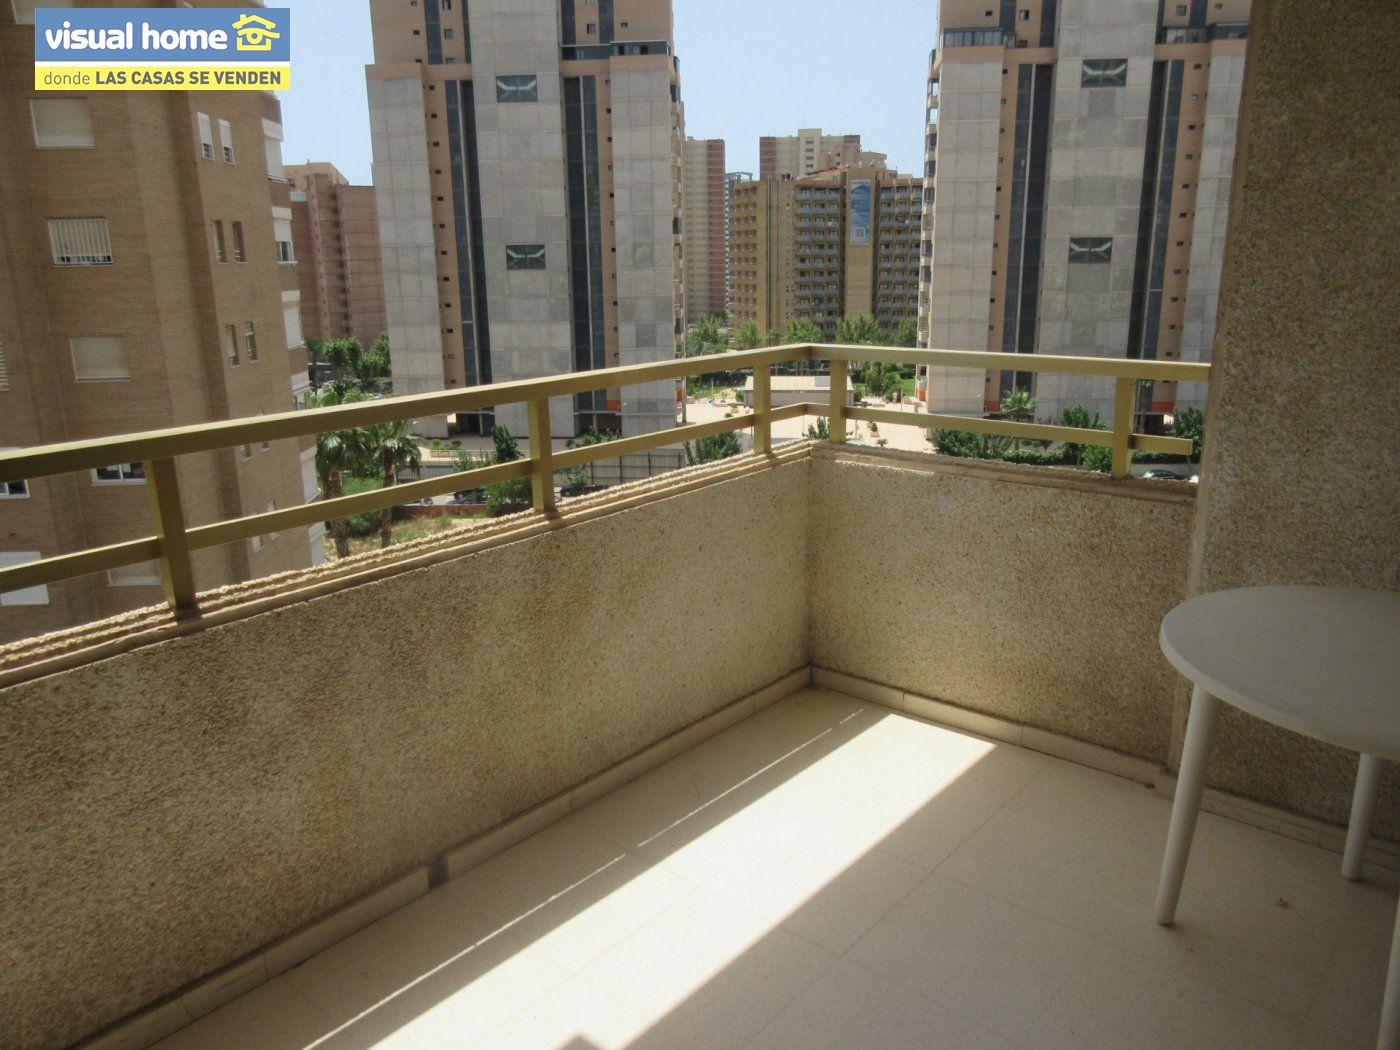 ¡¡¡ Oportunidad !!! Apartamento zona Levante de un dormitorio con parking y piscina 3